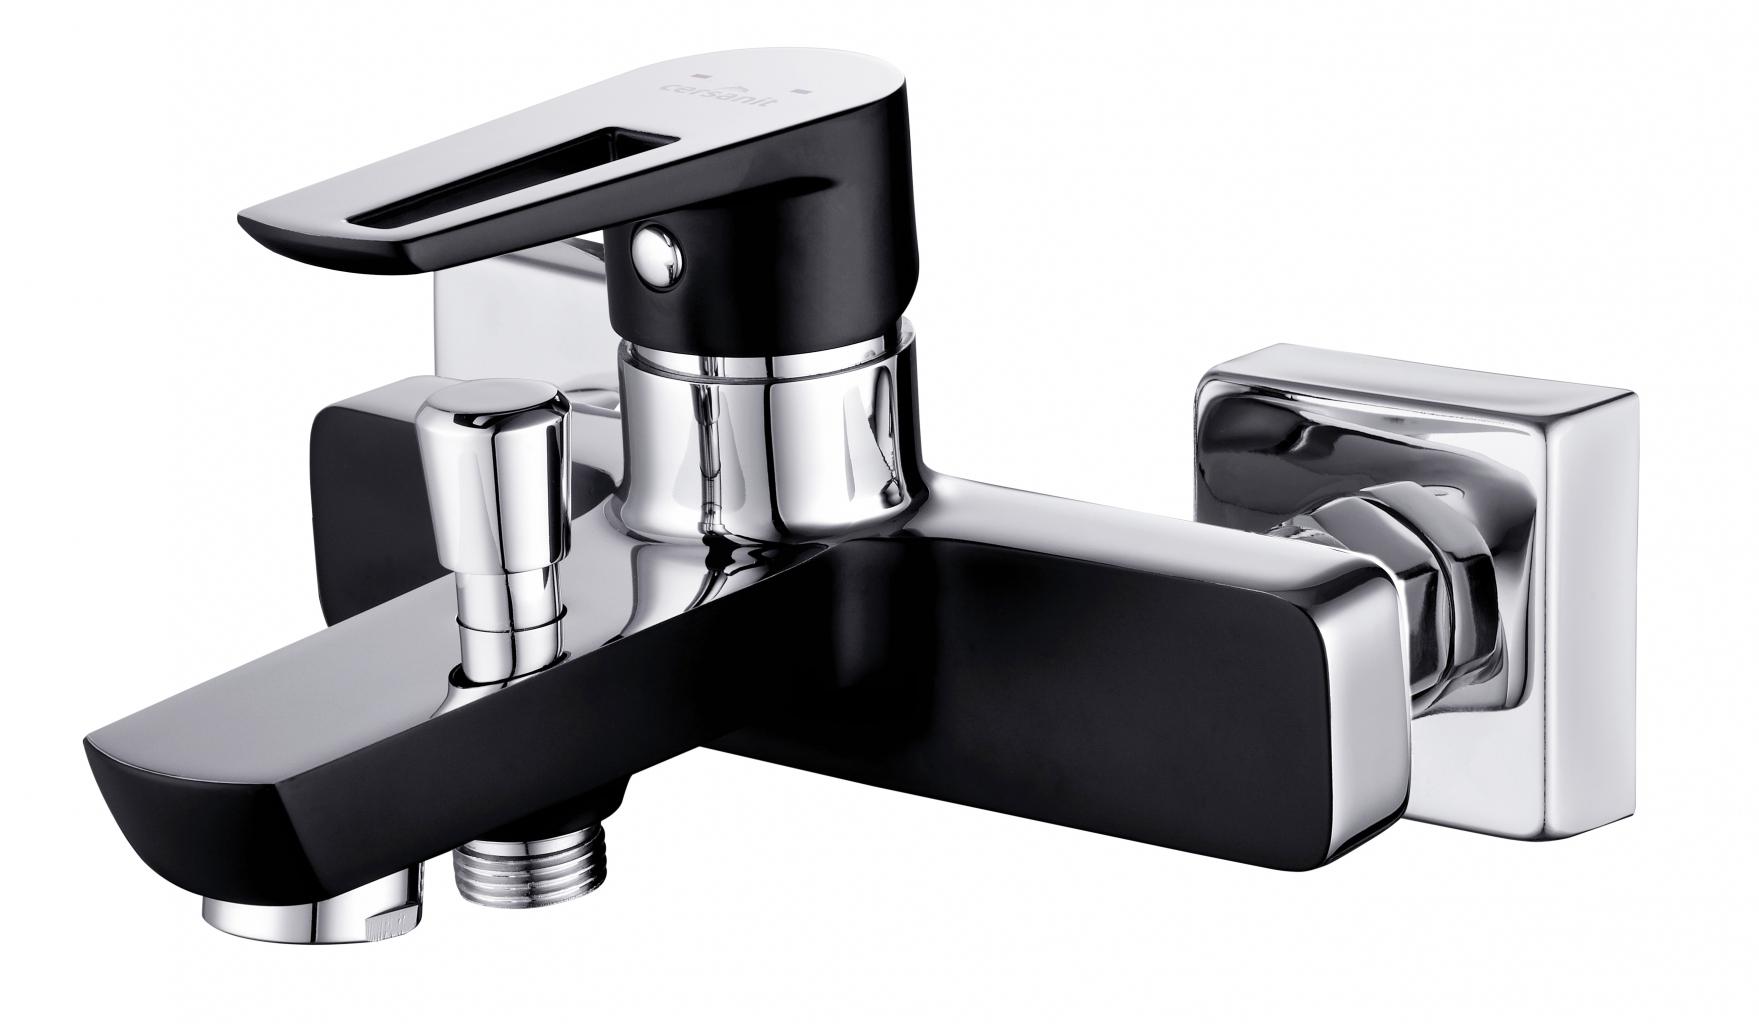 CERSANIT - Vaňová batéria so sprchou MILLE jednopáková, tříotvorová, nástenná, s pevným výtokovým ramienkom, s prepínačom, chróm / ČIERNA (S951-009)